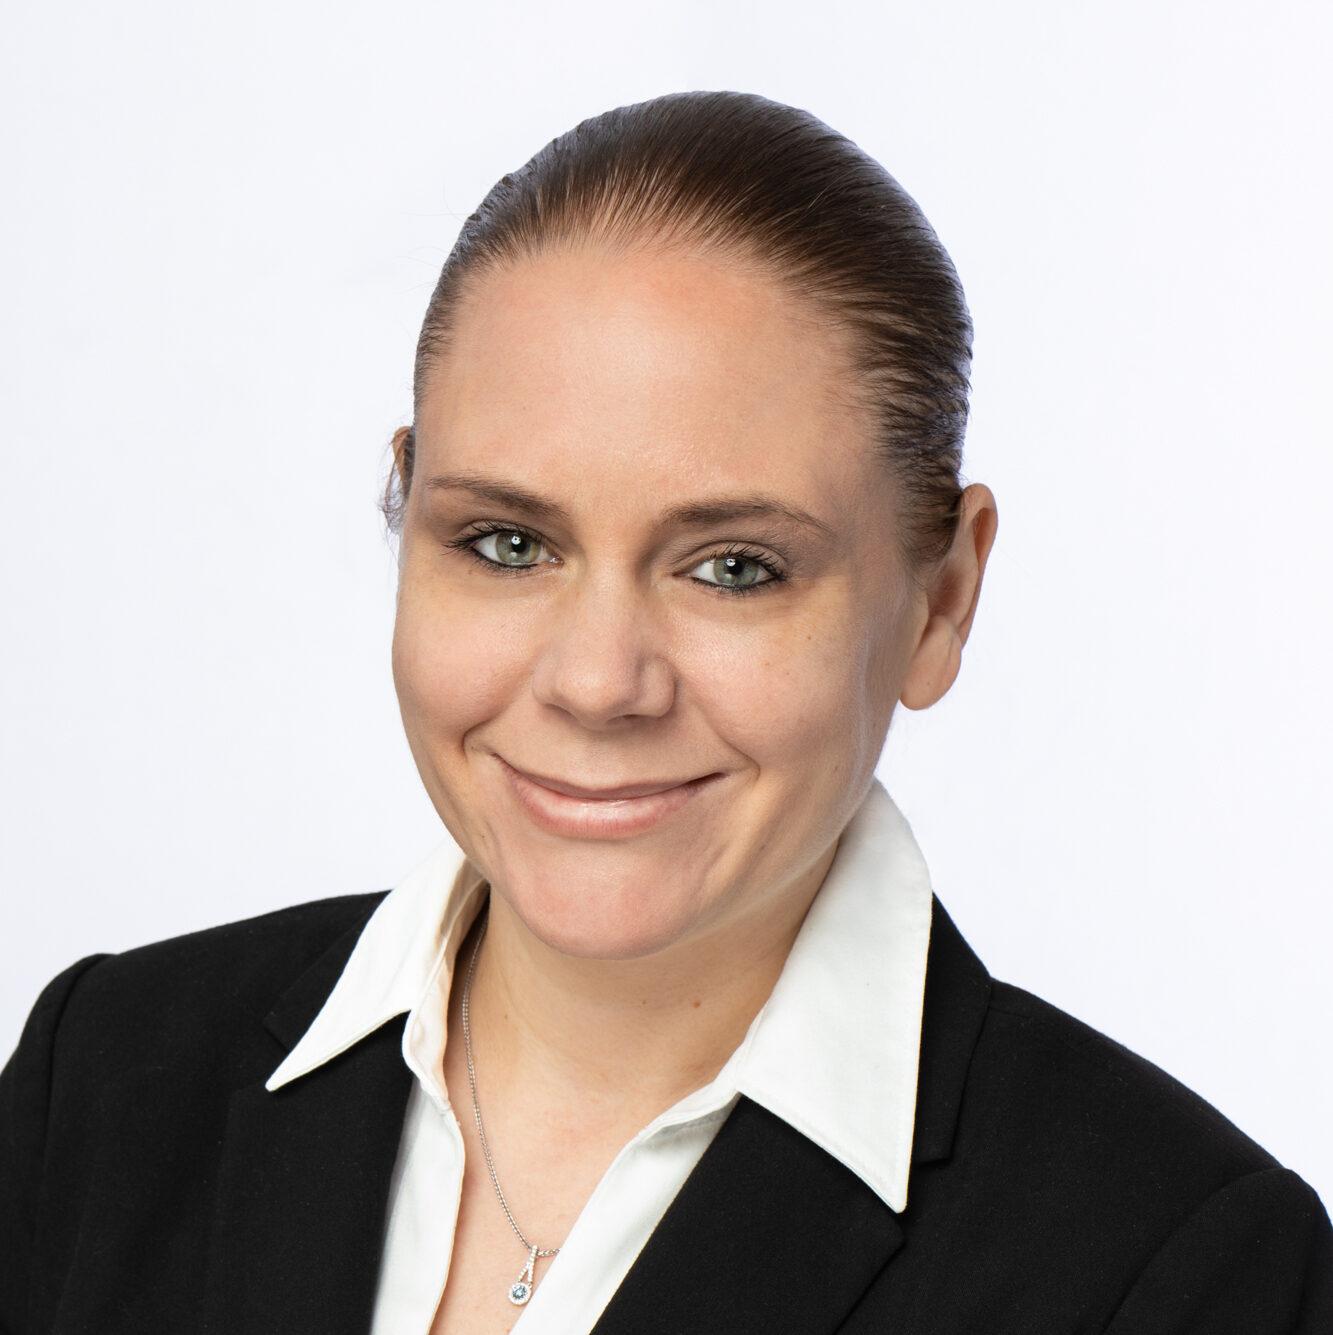 Jacqueline Massi